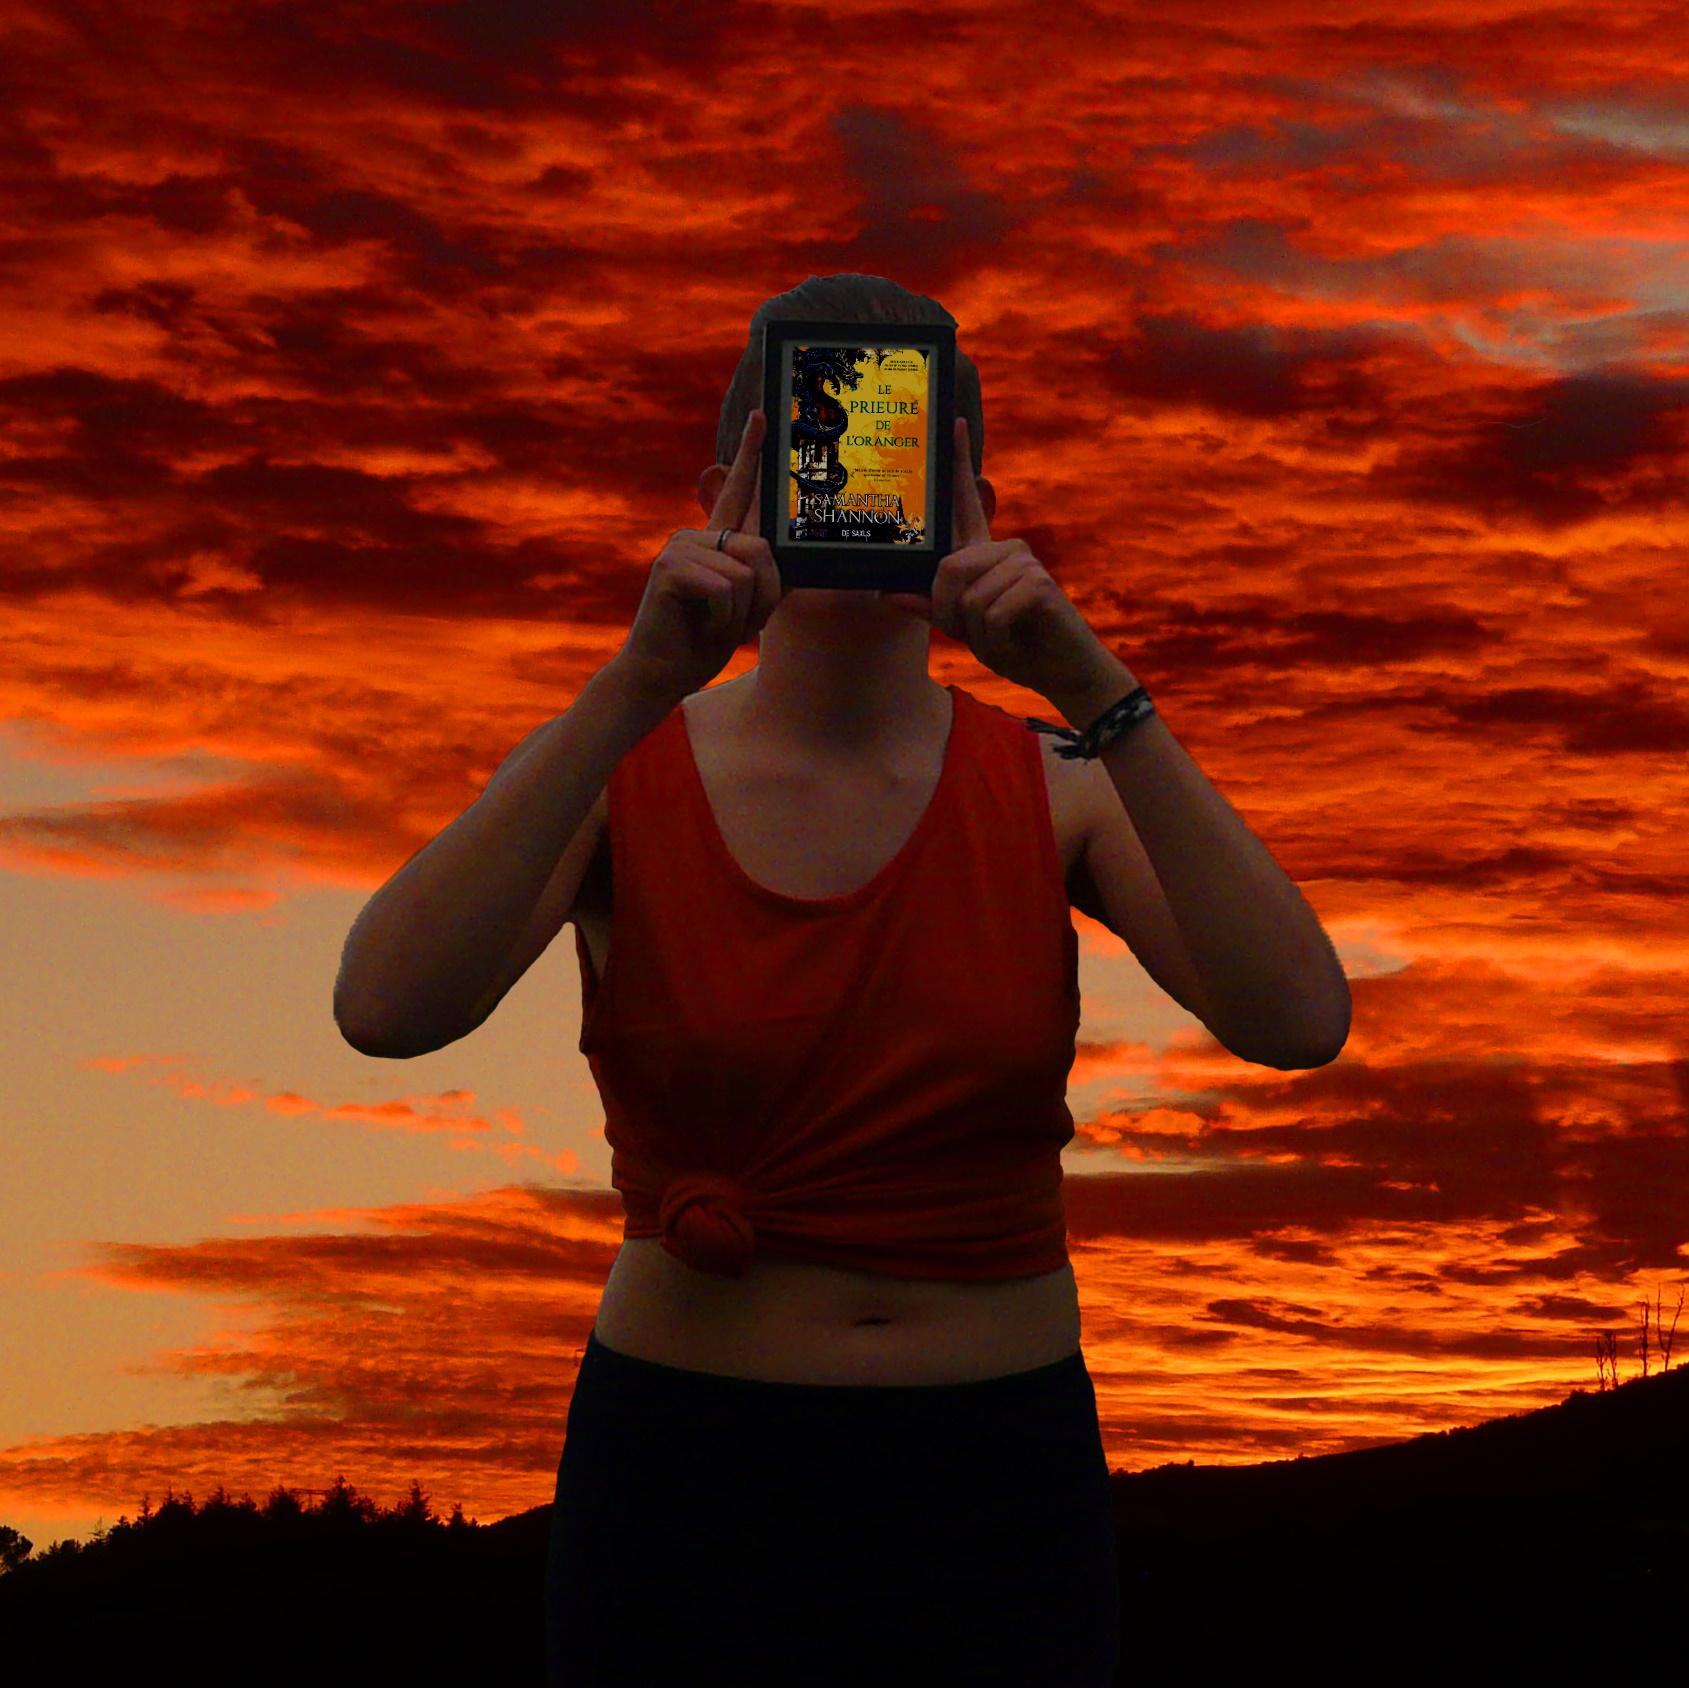 personne en débardeur lisant Le Prieuré de l'Oranger de Samantha Shannon devant un coucher de soleil intense